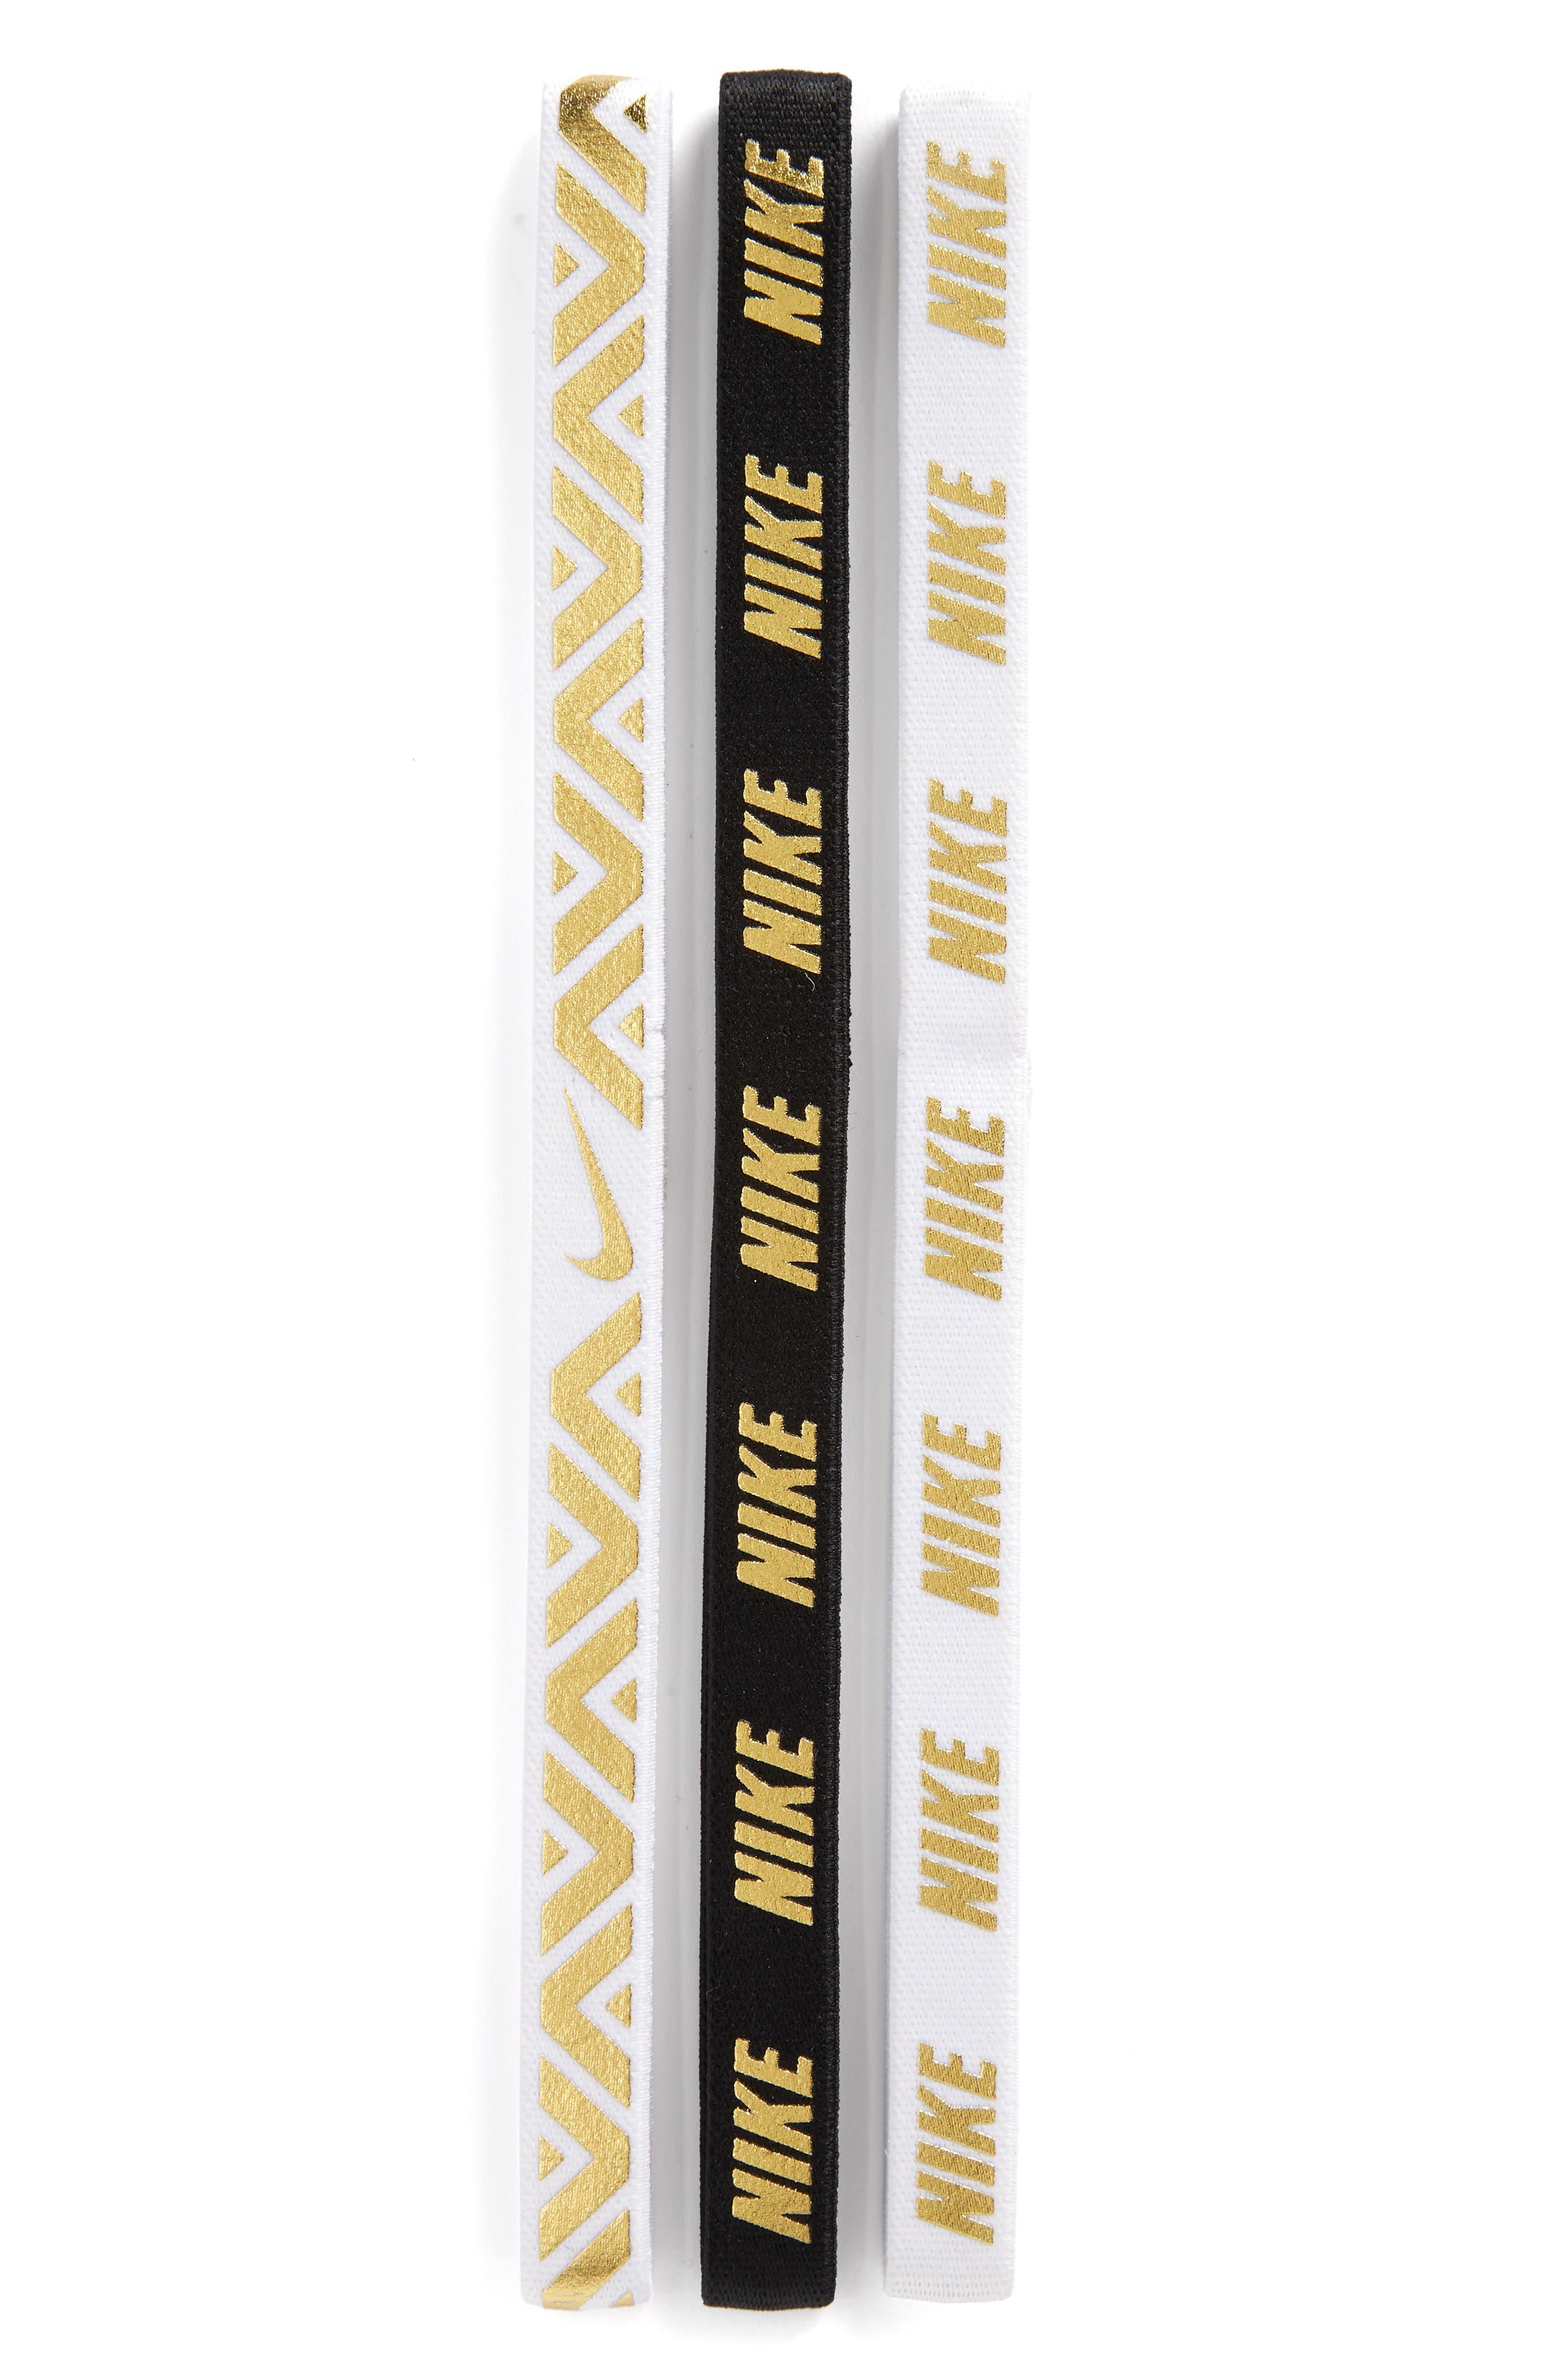 3-Pack Headbands,                         Main,                         color, White/ White/ Black